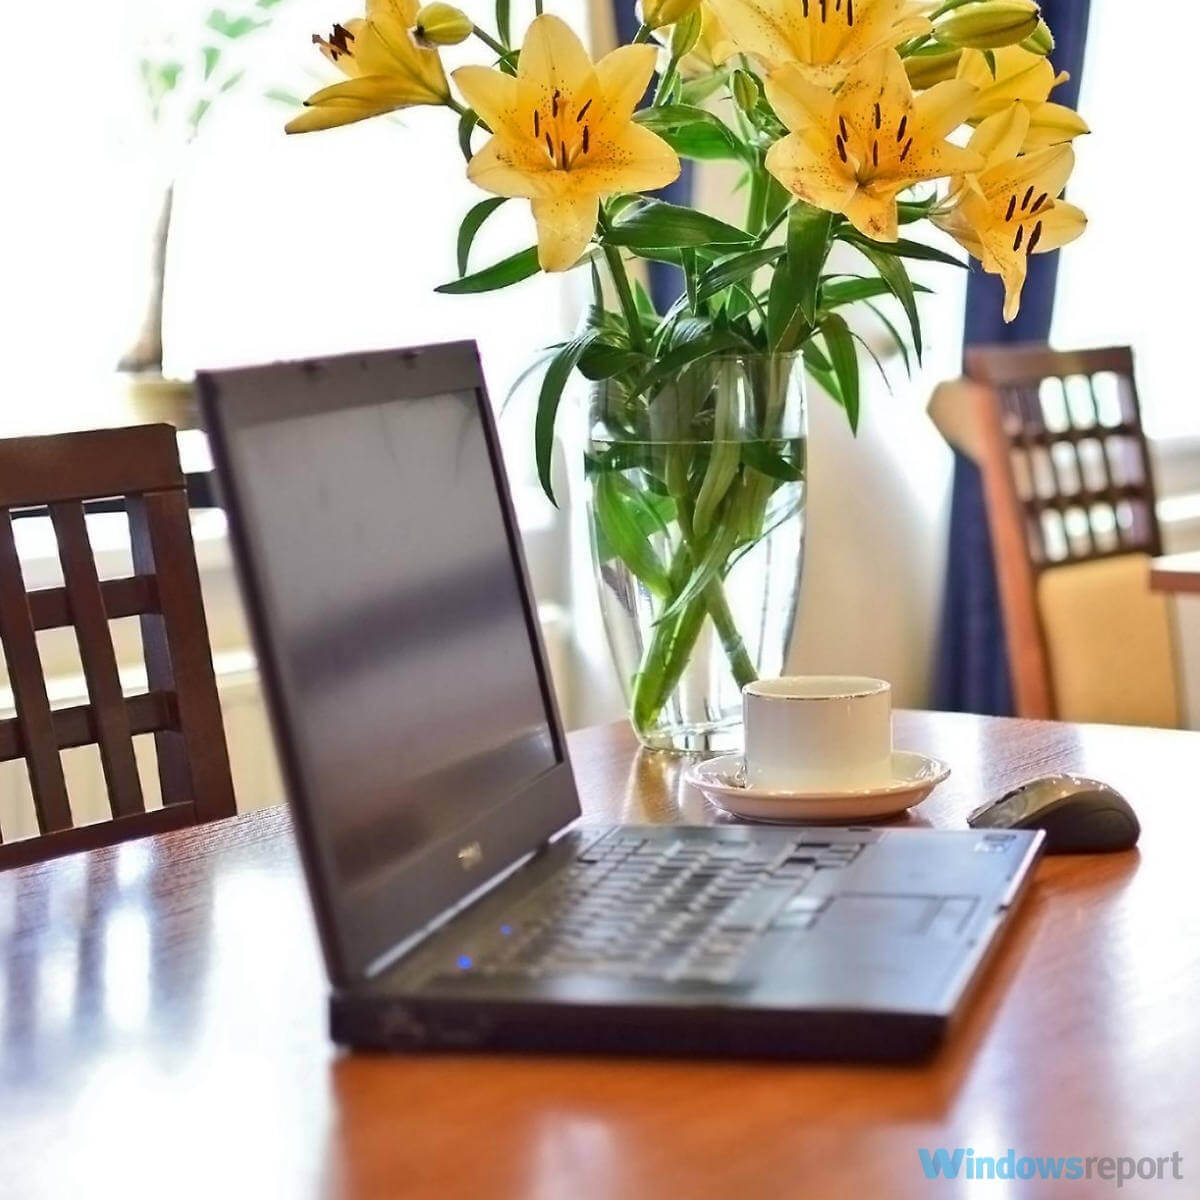 كمبيوتر محمول مع زهور على المكتب: كيفية استخدام التحديد السحري في الطلاء ثلاثي الأبعاد